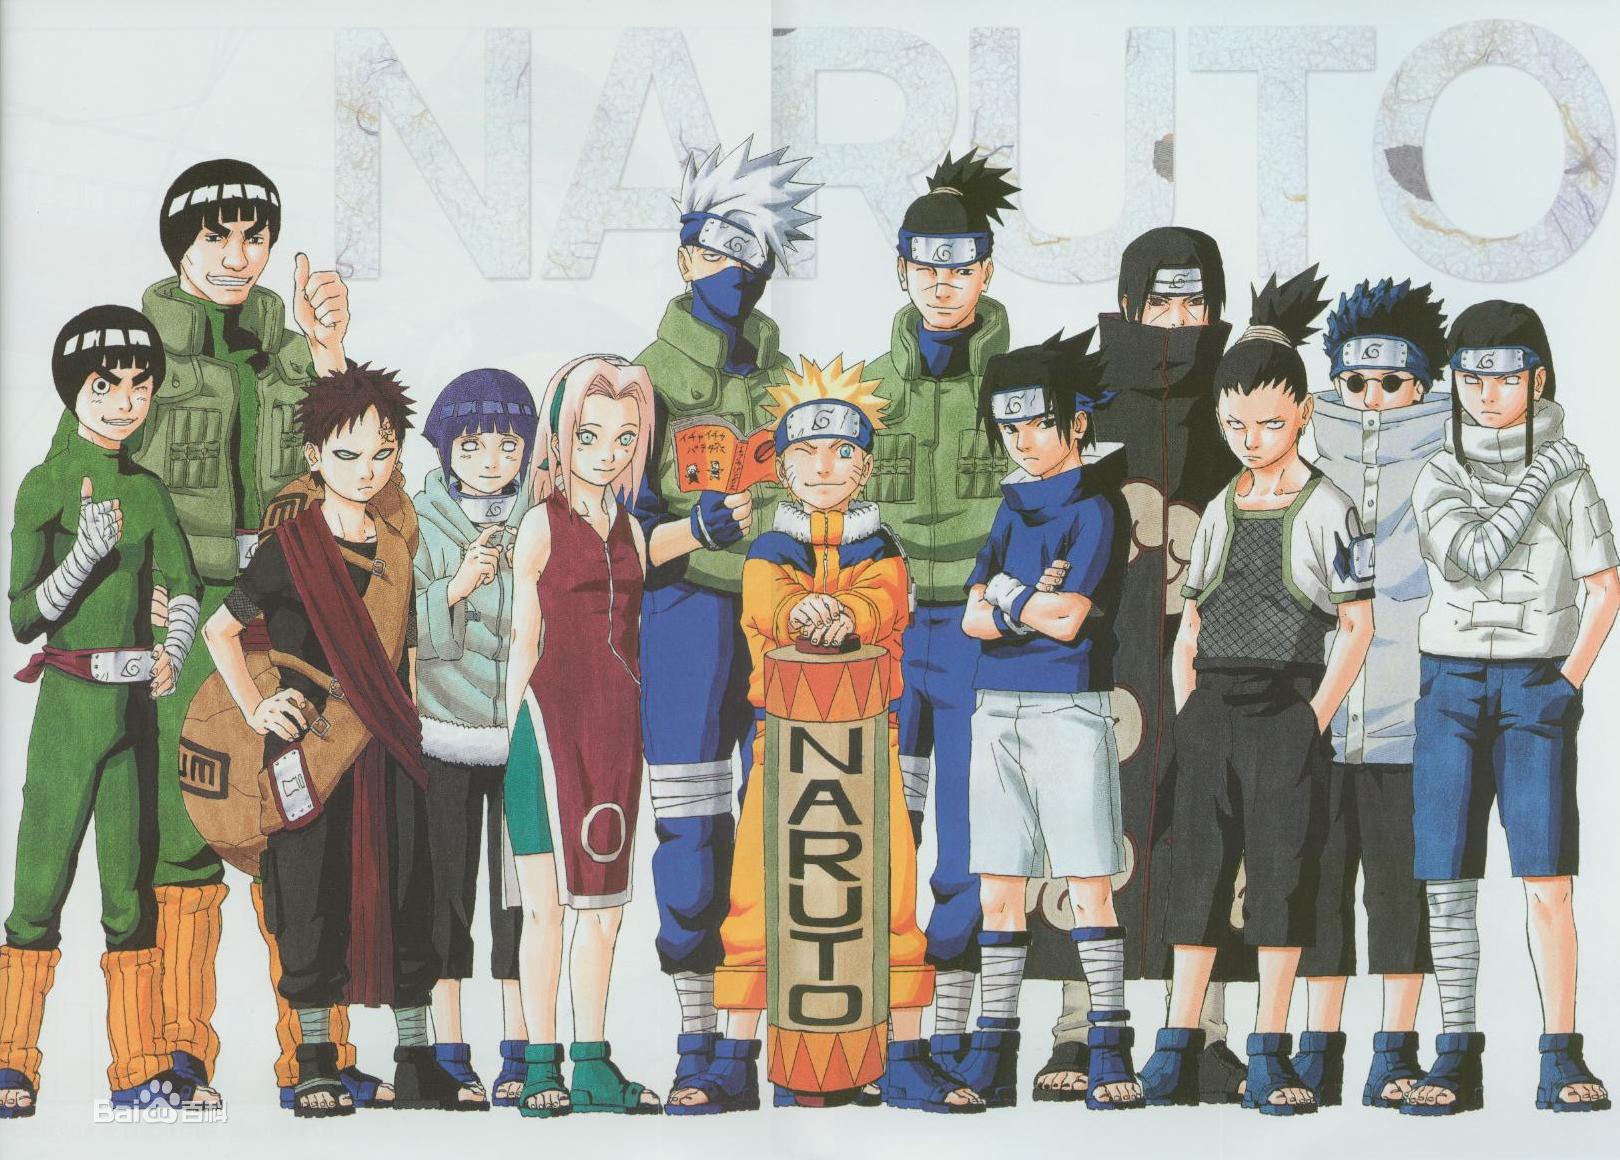 [完结] 【月光恋曲字幕组】【Naruto 火影忍者【1-220(第一部)全】【DVDRip-MKV】【30.34G】